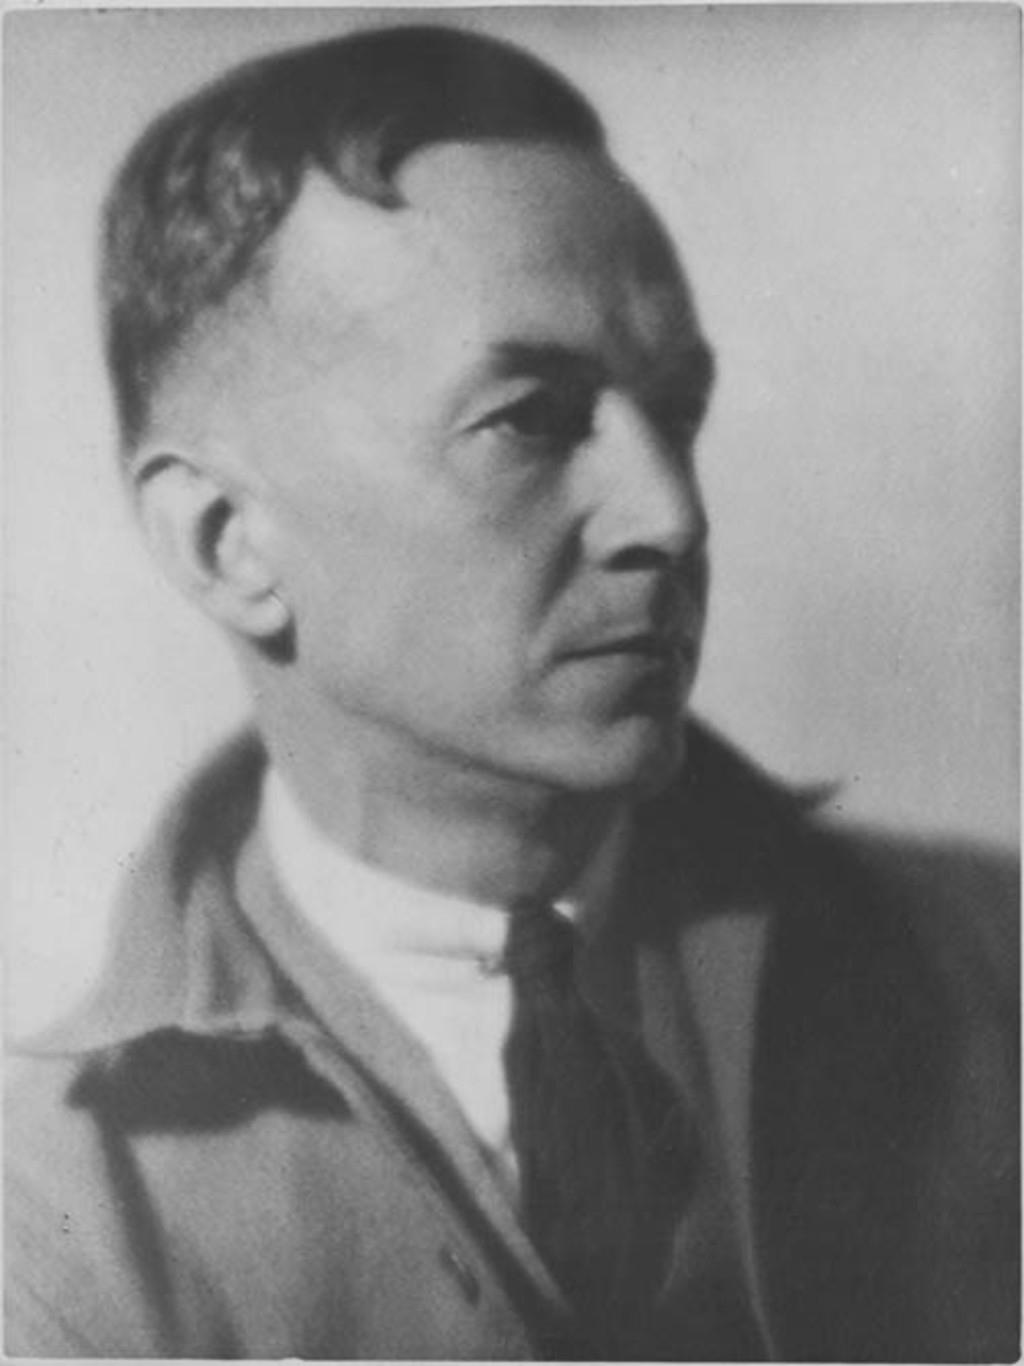 Holgate, Edwin Headley